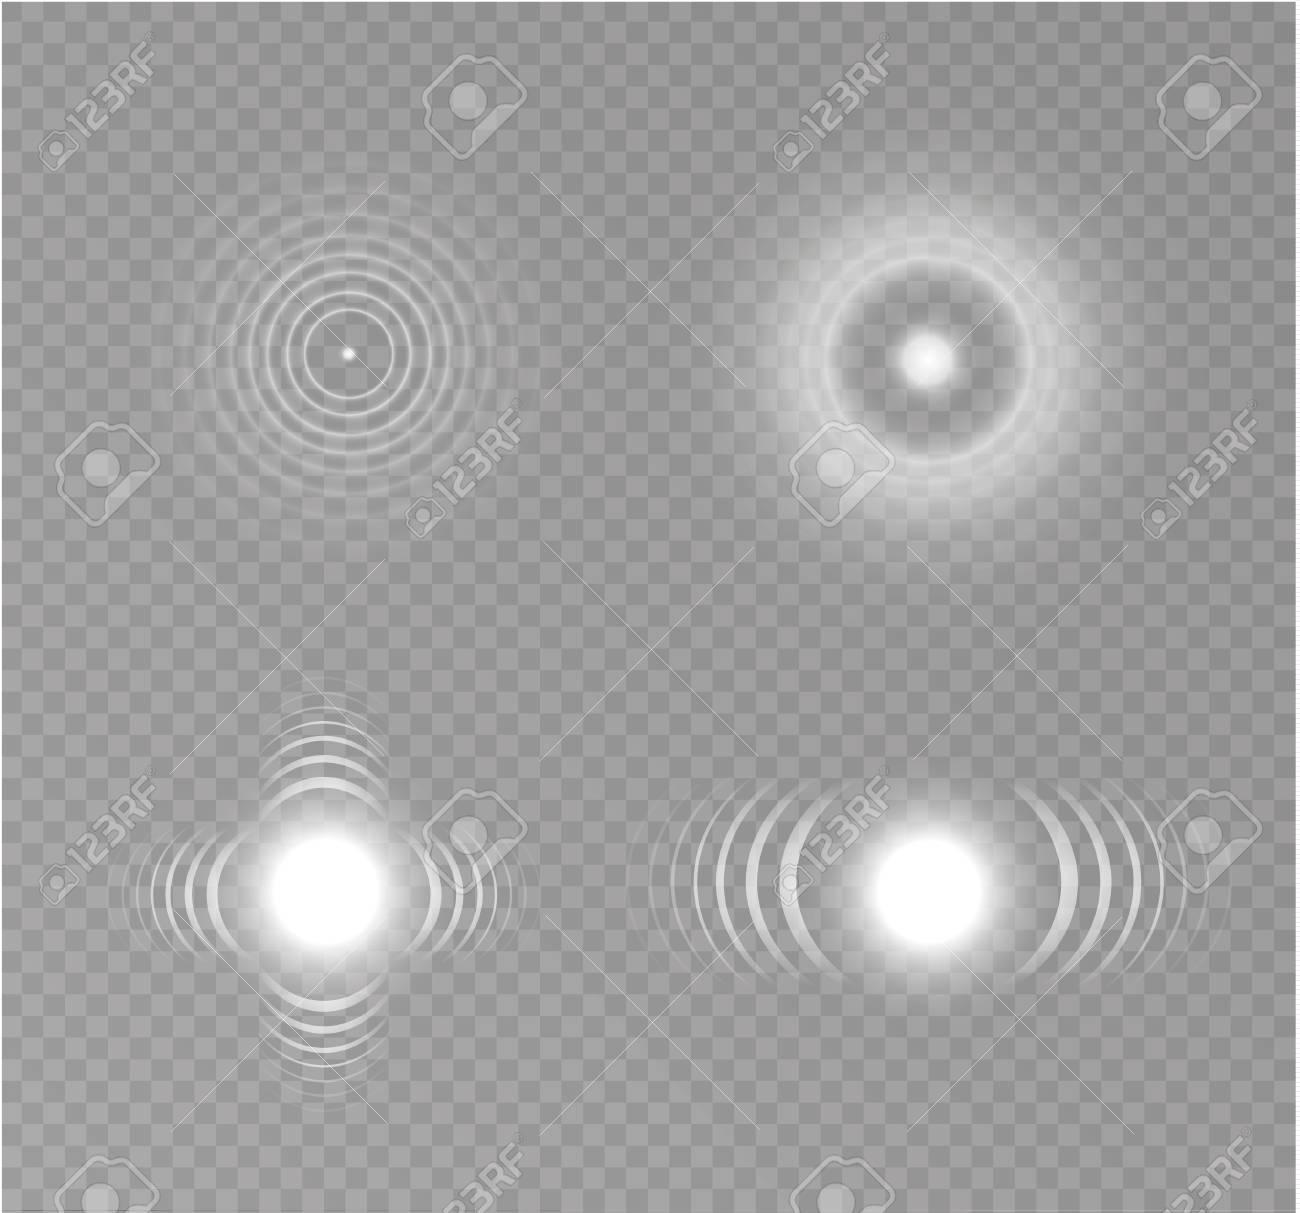 Vector Art - Sonar wave sign. vector illustration. radar icon. EPS clipart  gg110358519 - GoGraph